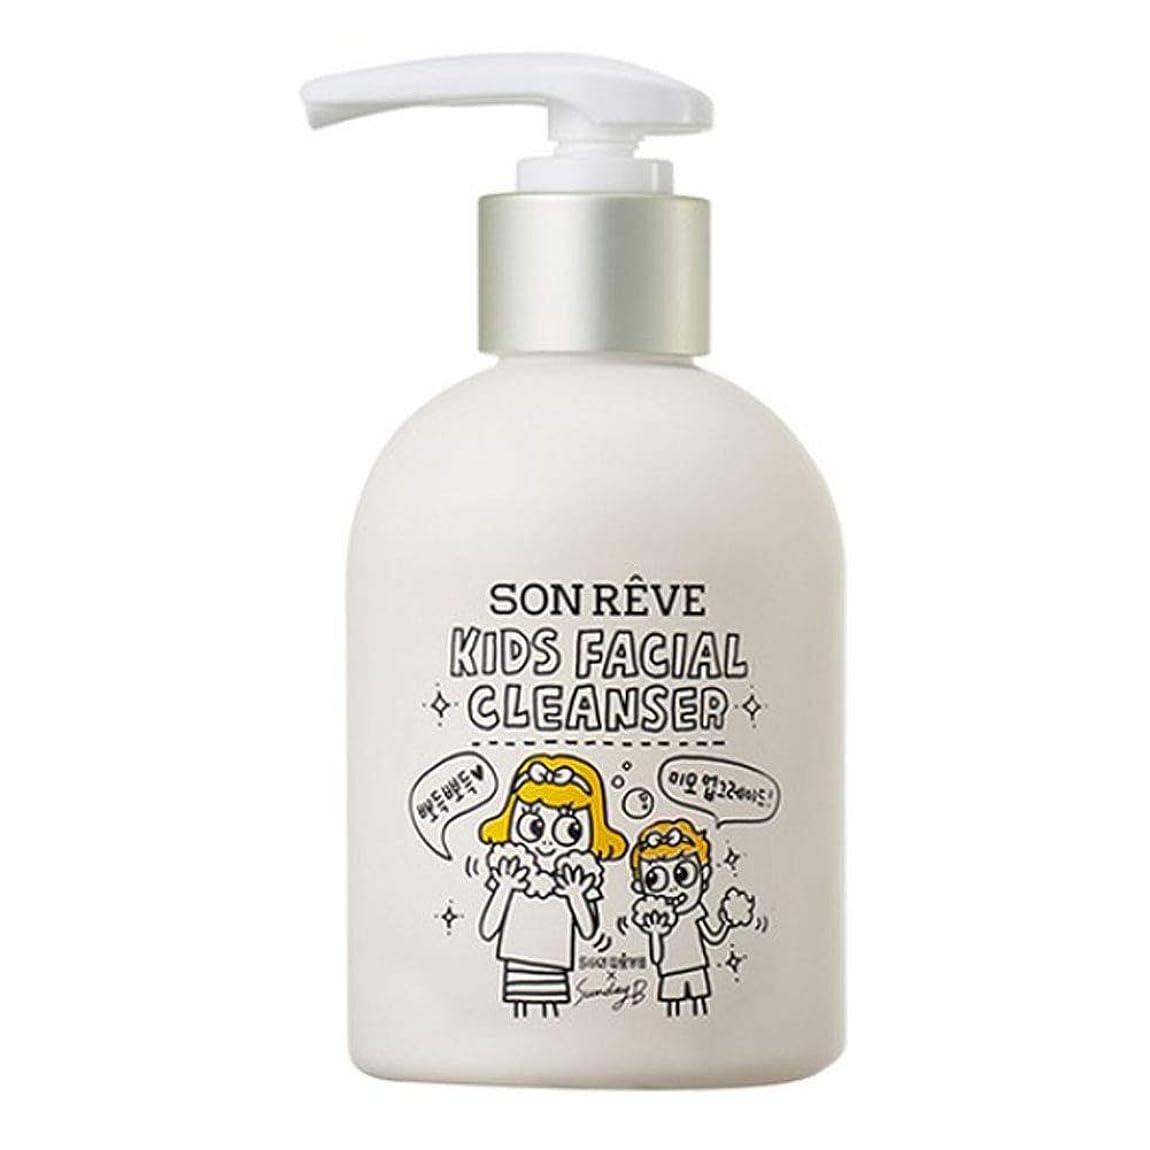 四半期起きろ添付[SON REVE]KIDS Facial Cleanserの子どもの洗顔200ml甘いキャンディー 香りポンプ型[海外直輸入]